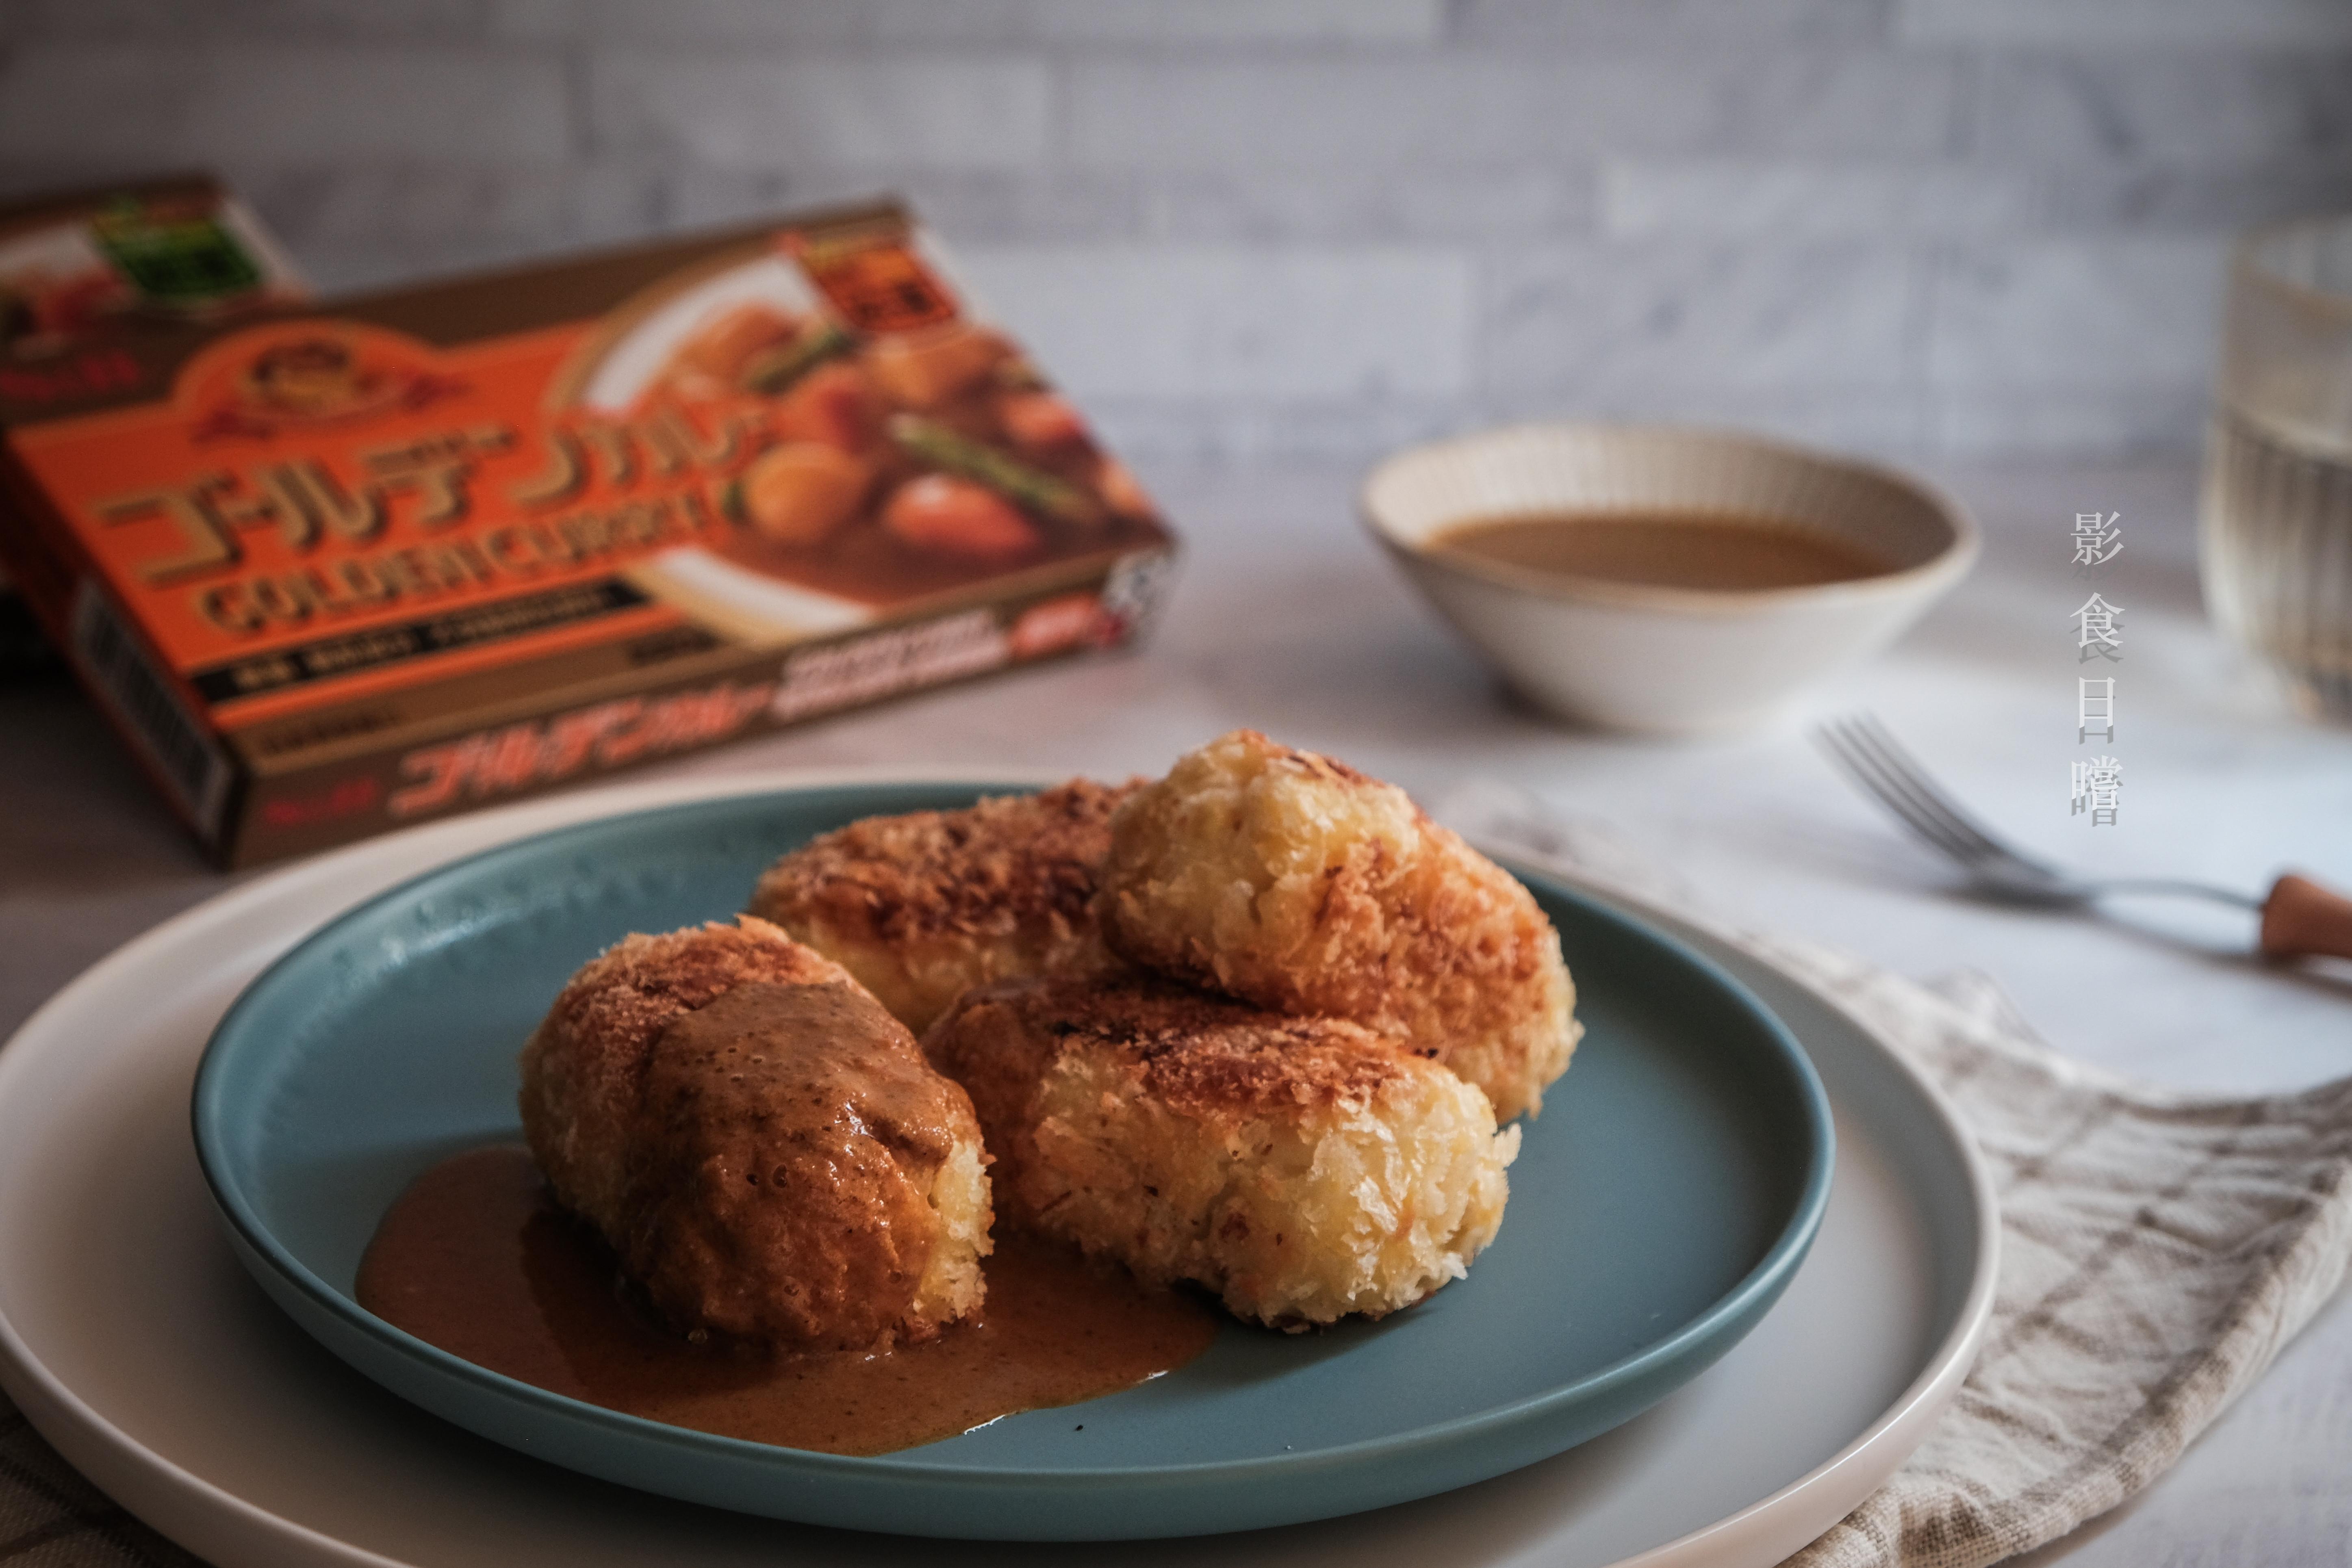 讓美味咖哩融入你的家常料理 - S&B金牌咖哩塊的第 27 張圖片